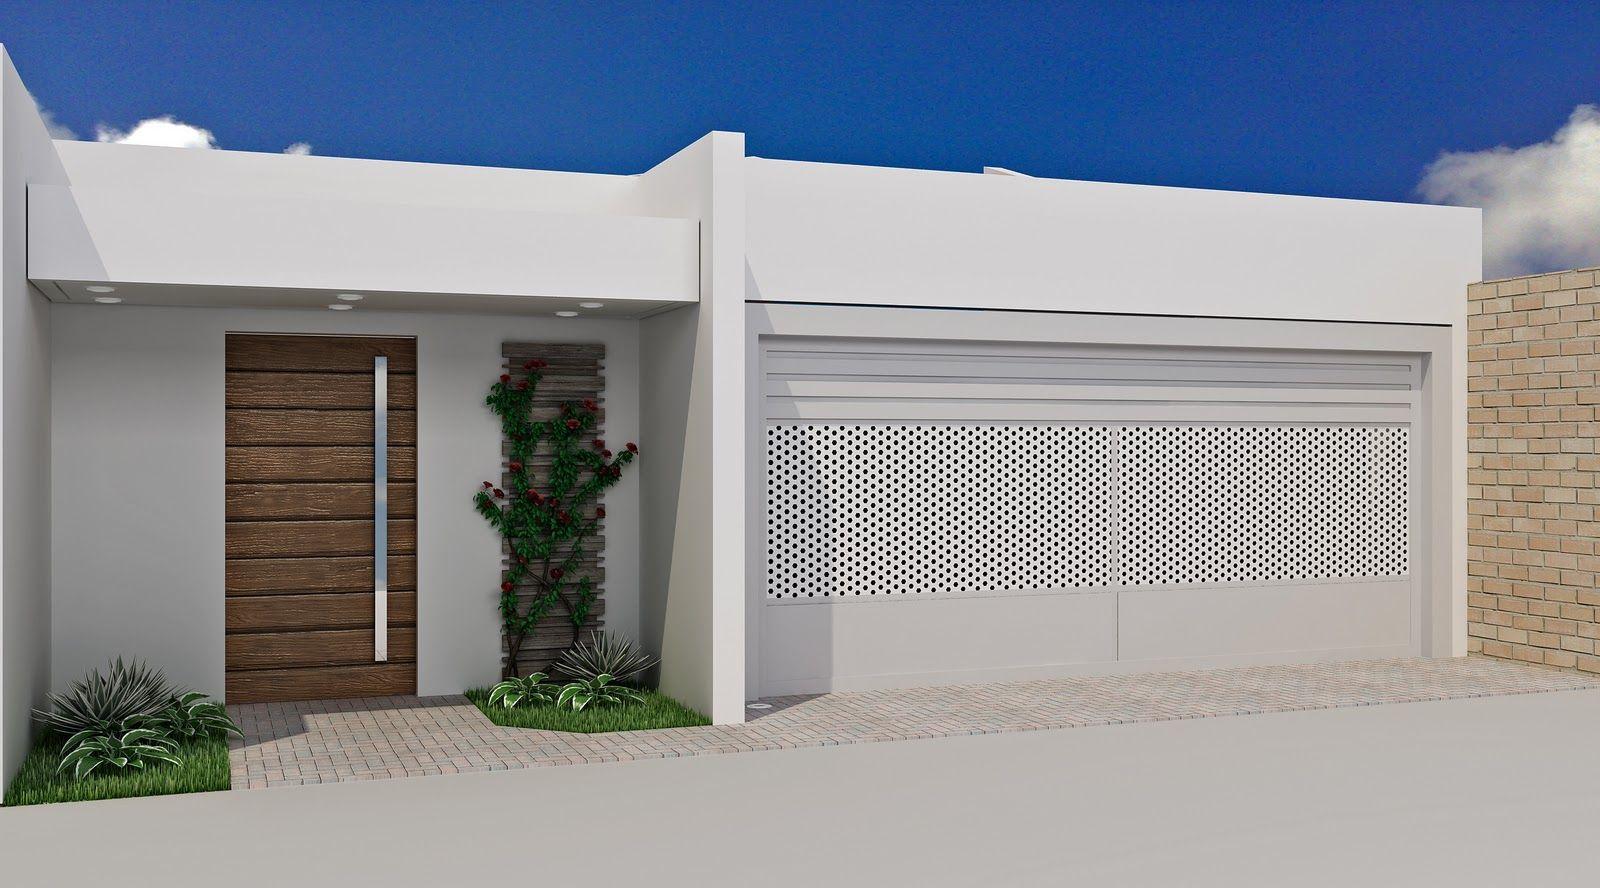 fachada-muros-portoes-7 FACHADAS DE SOBRADOS - houses facades ...